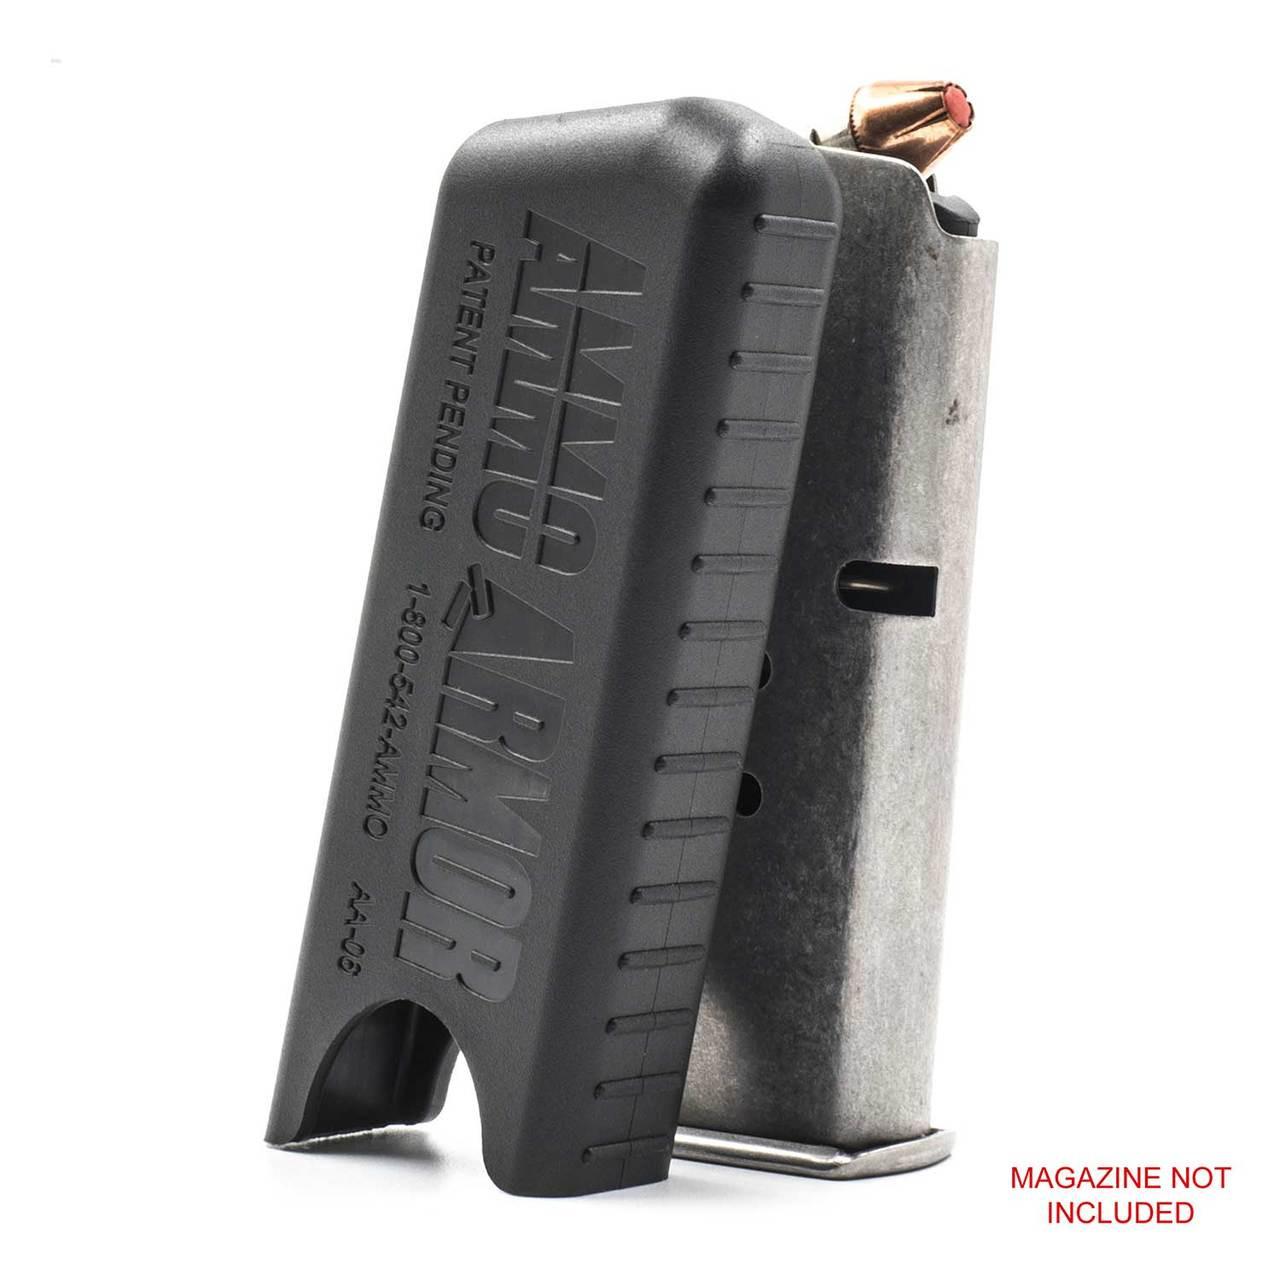 Kimber Micro CDP .380 Magazine Protector